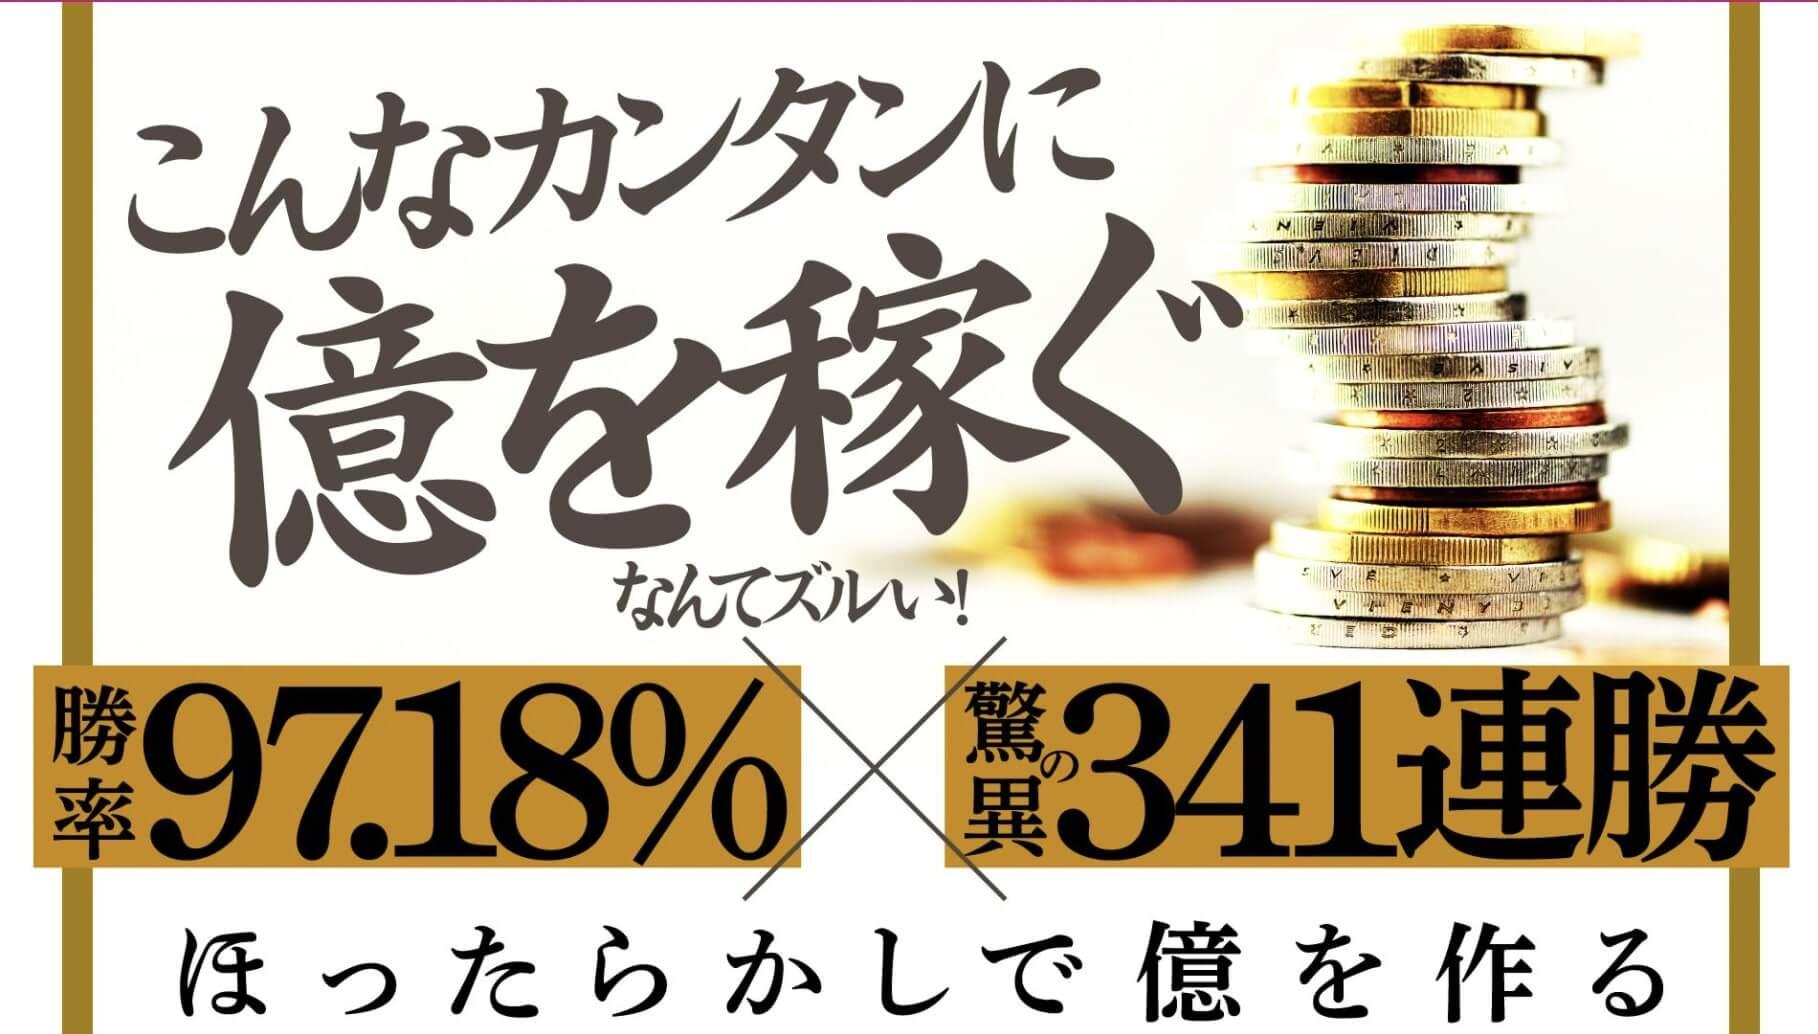 【検証】億の約束(tamura)は詐欺?完全自動のトレードシステムは稼げない?FX-Katsuの評判の悪いEAを調査